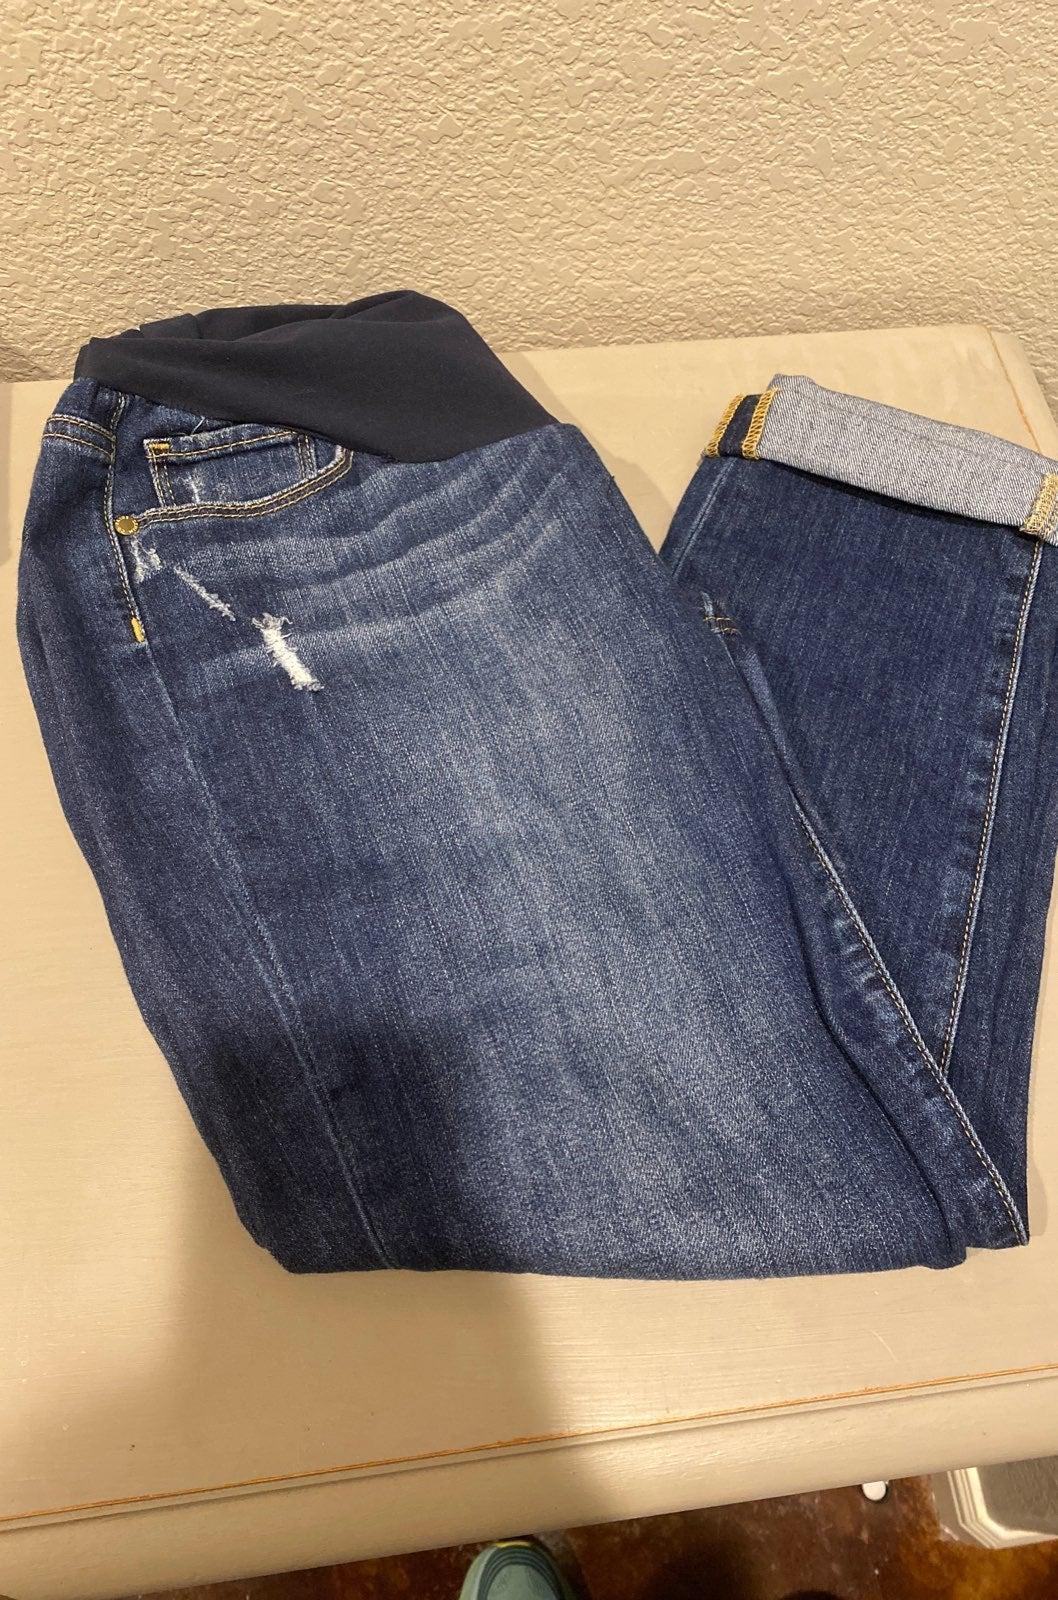 Paige denim maternity jeans size 29